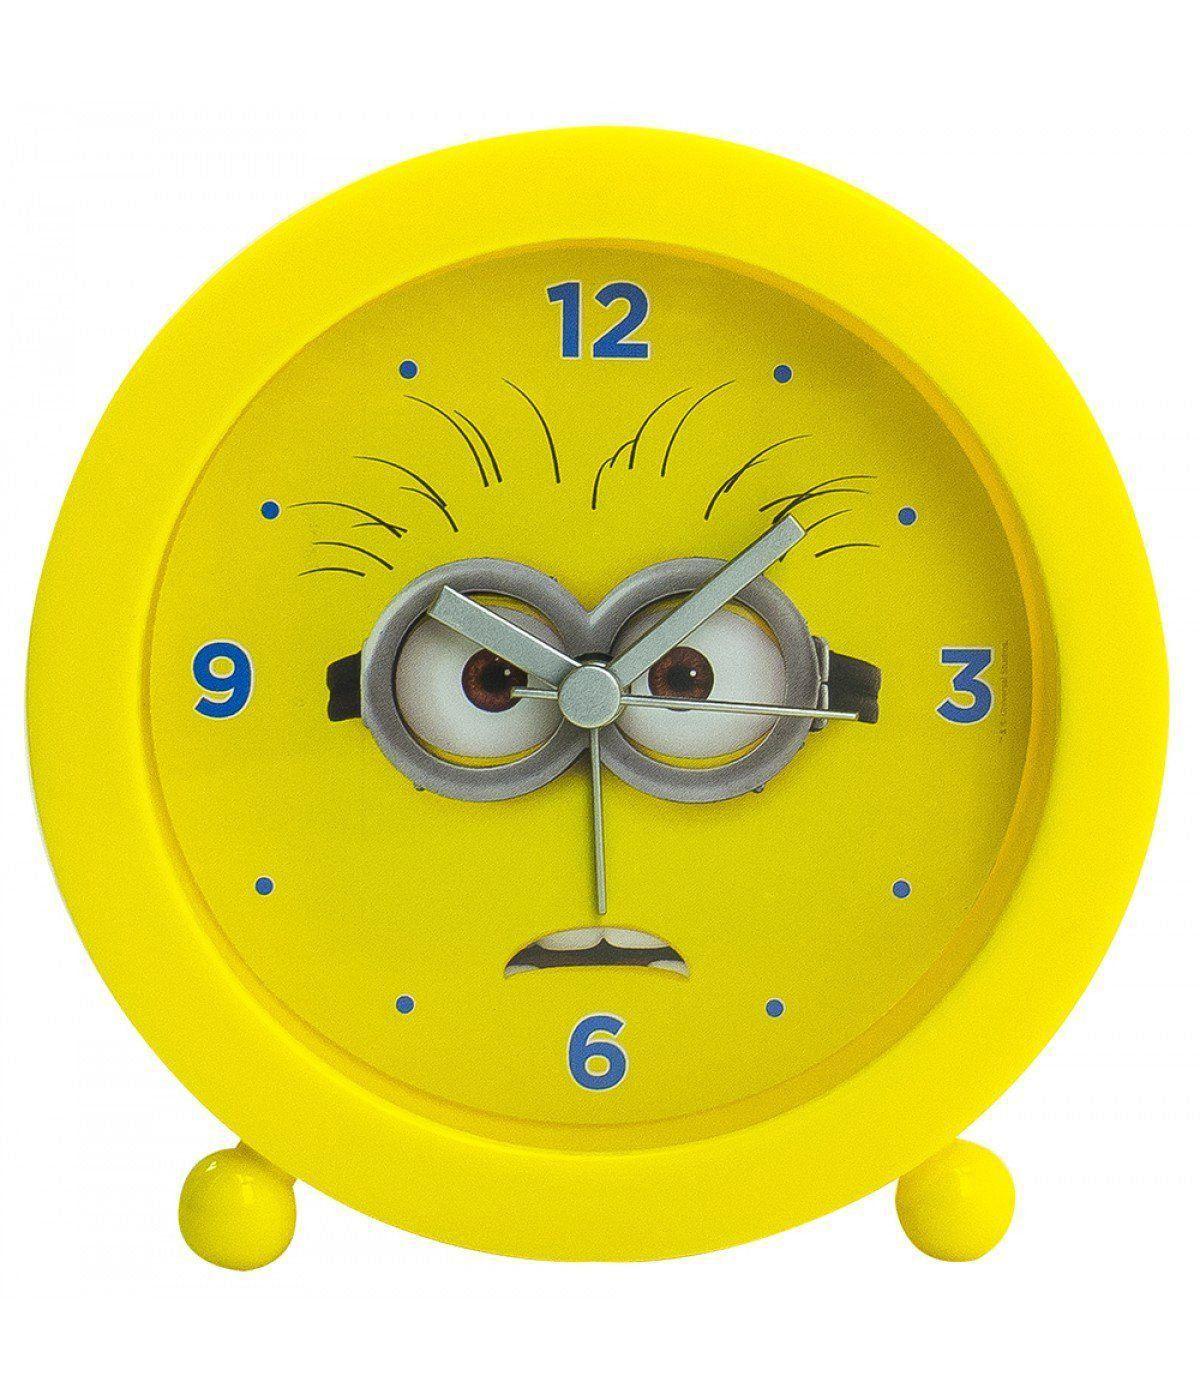 Relógio Despertador Minions (Assustado): Meu Malvado Favorito